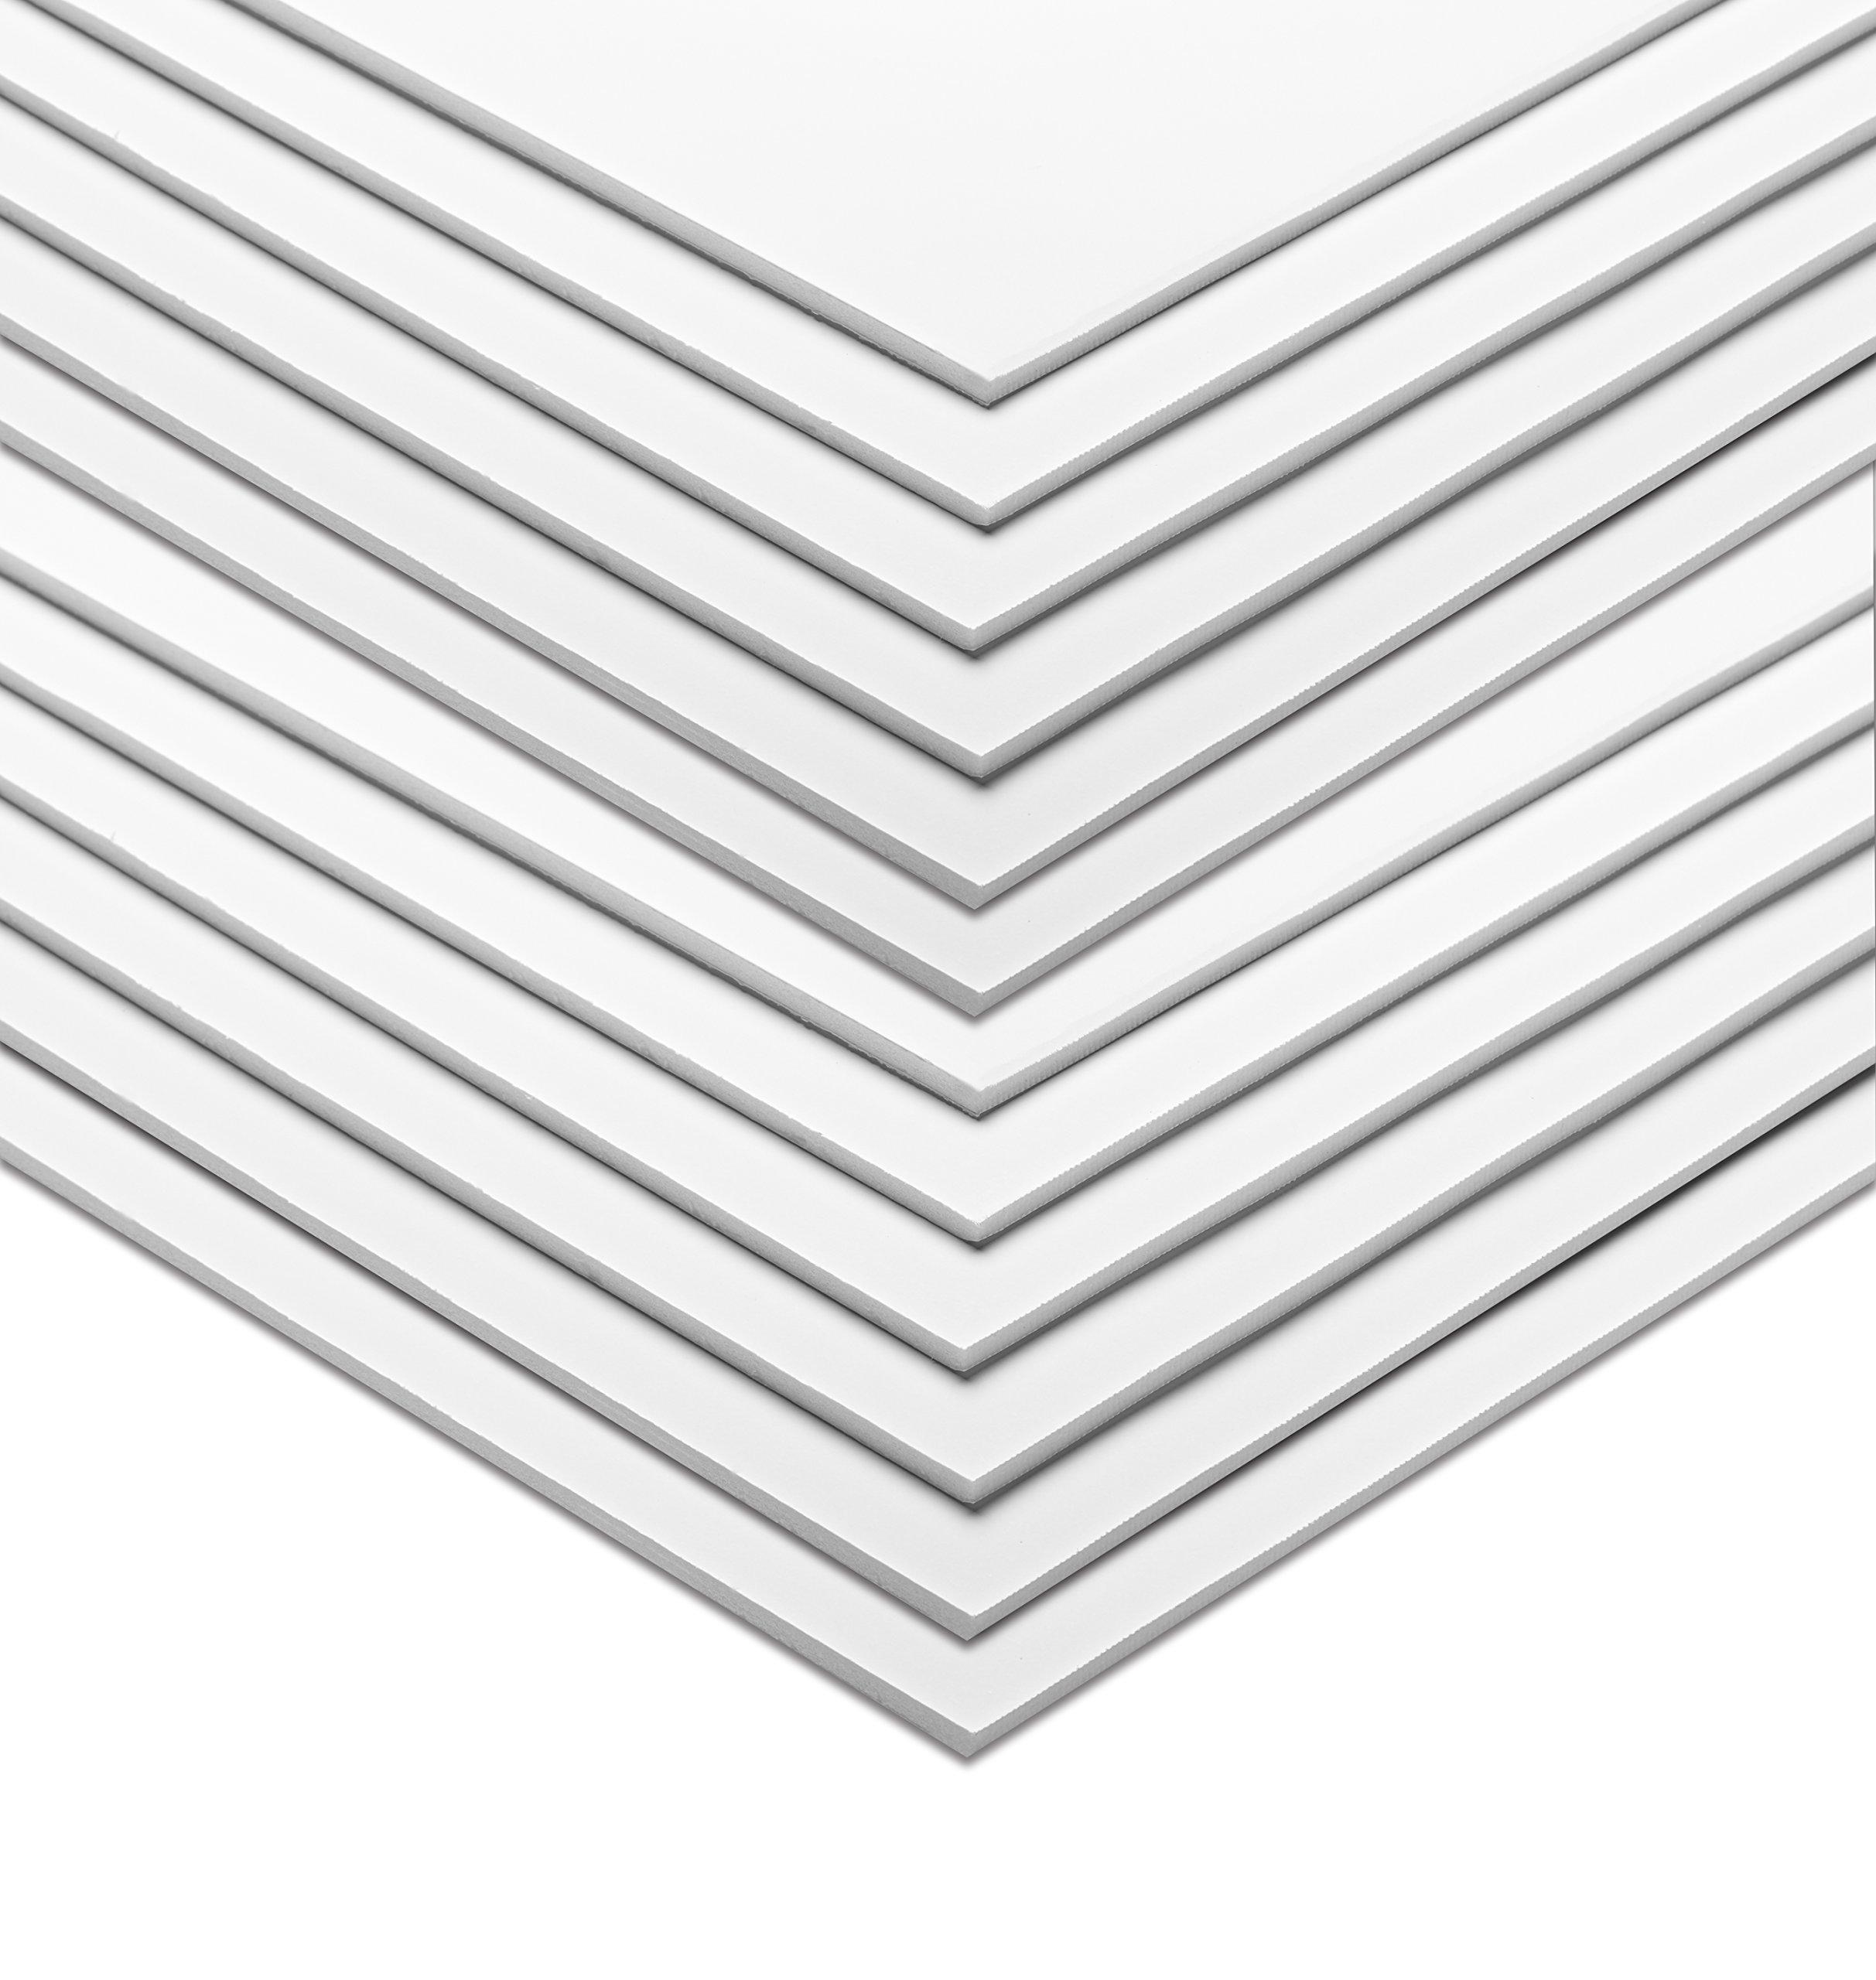 AdirOffice Foam Board 5mm Sheets (16'' x 20'' - 12 Pack, White)